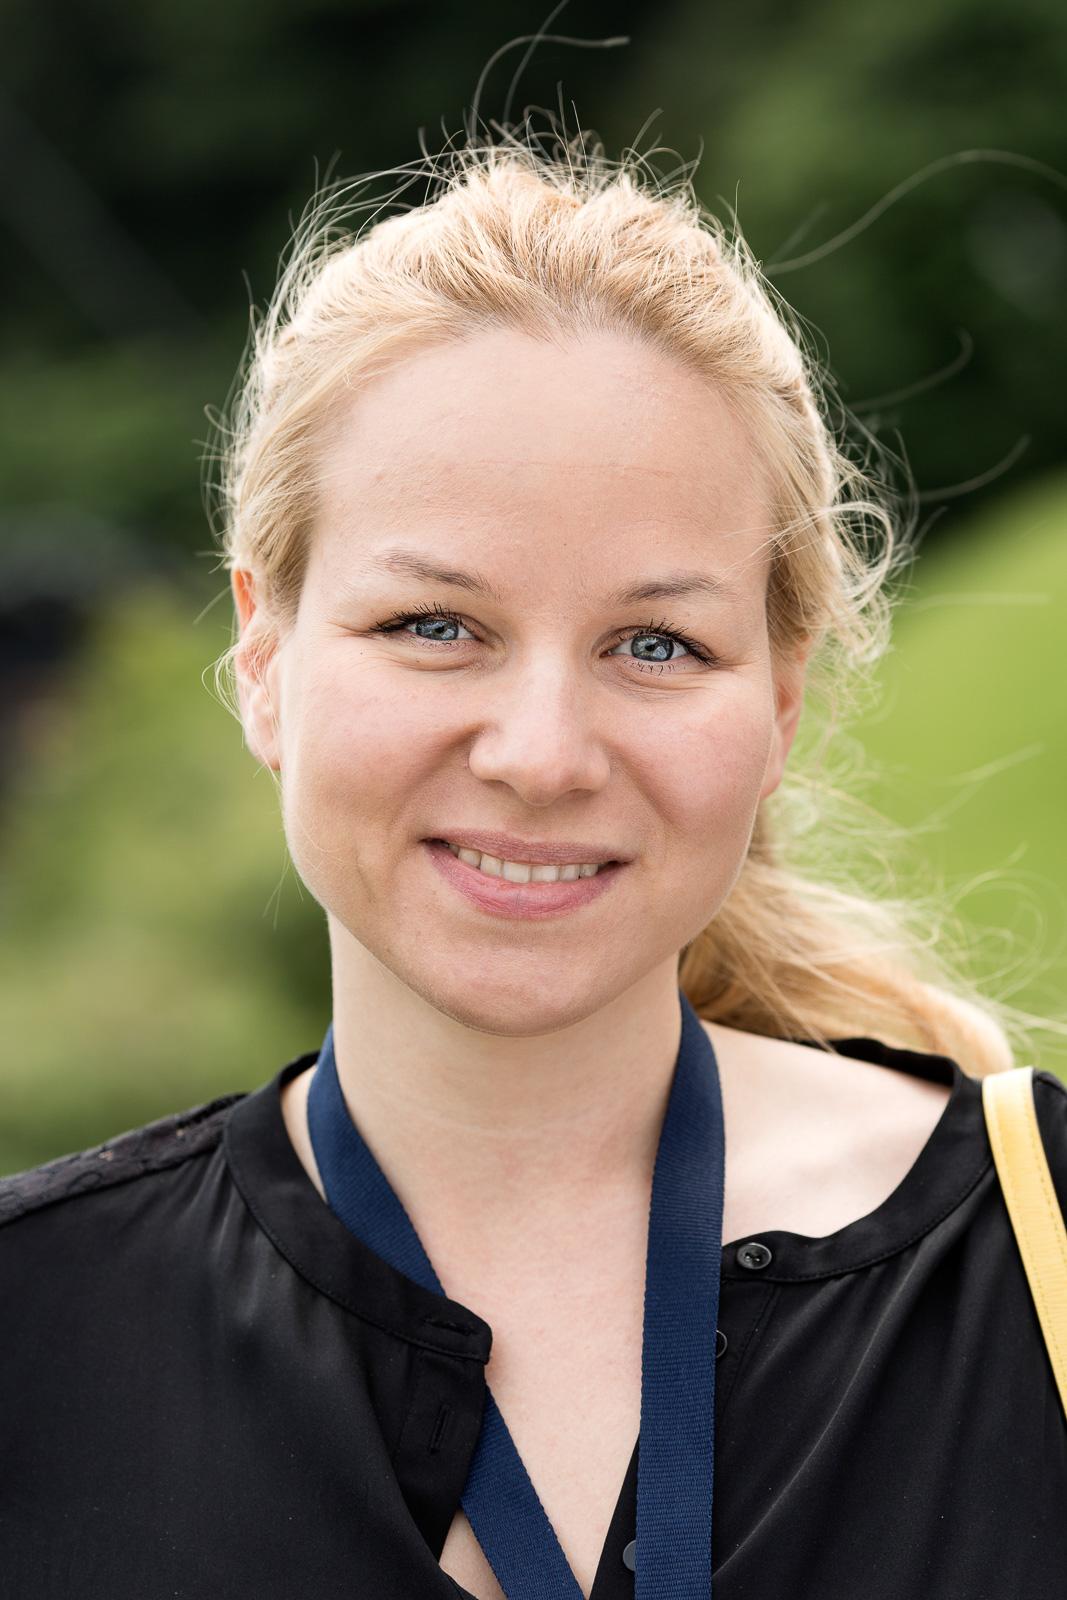 Karolina Snopek